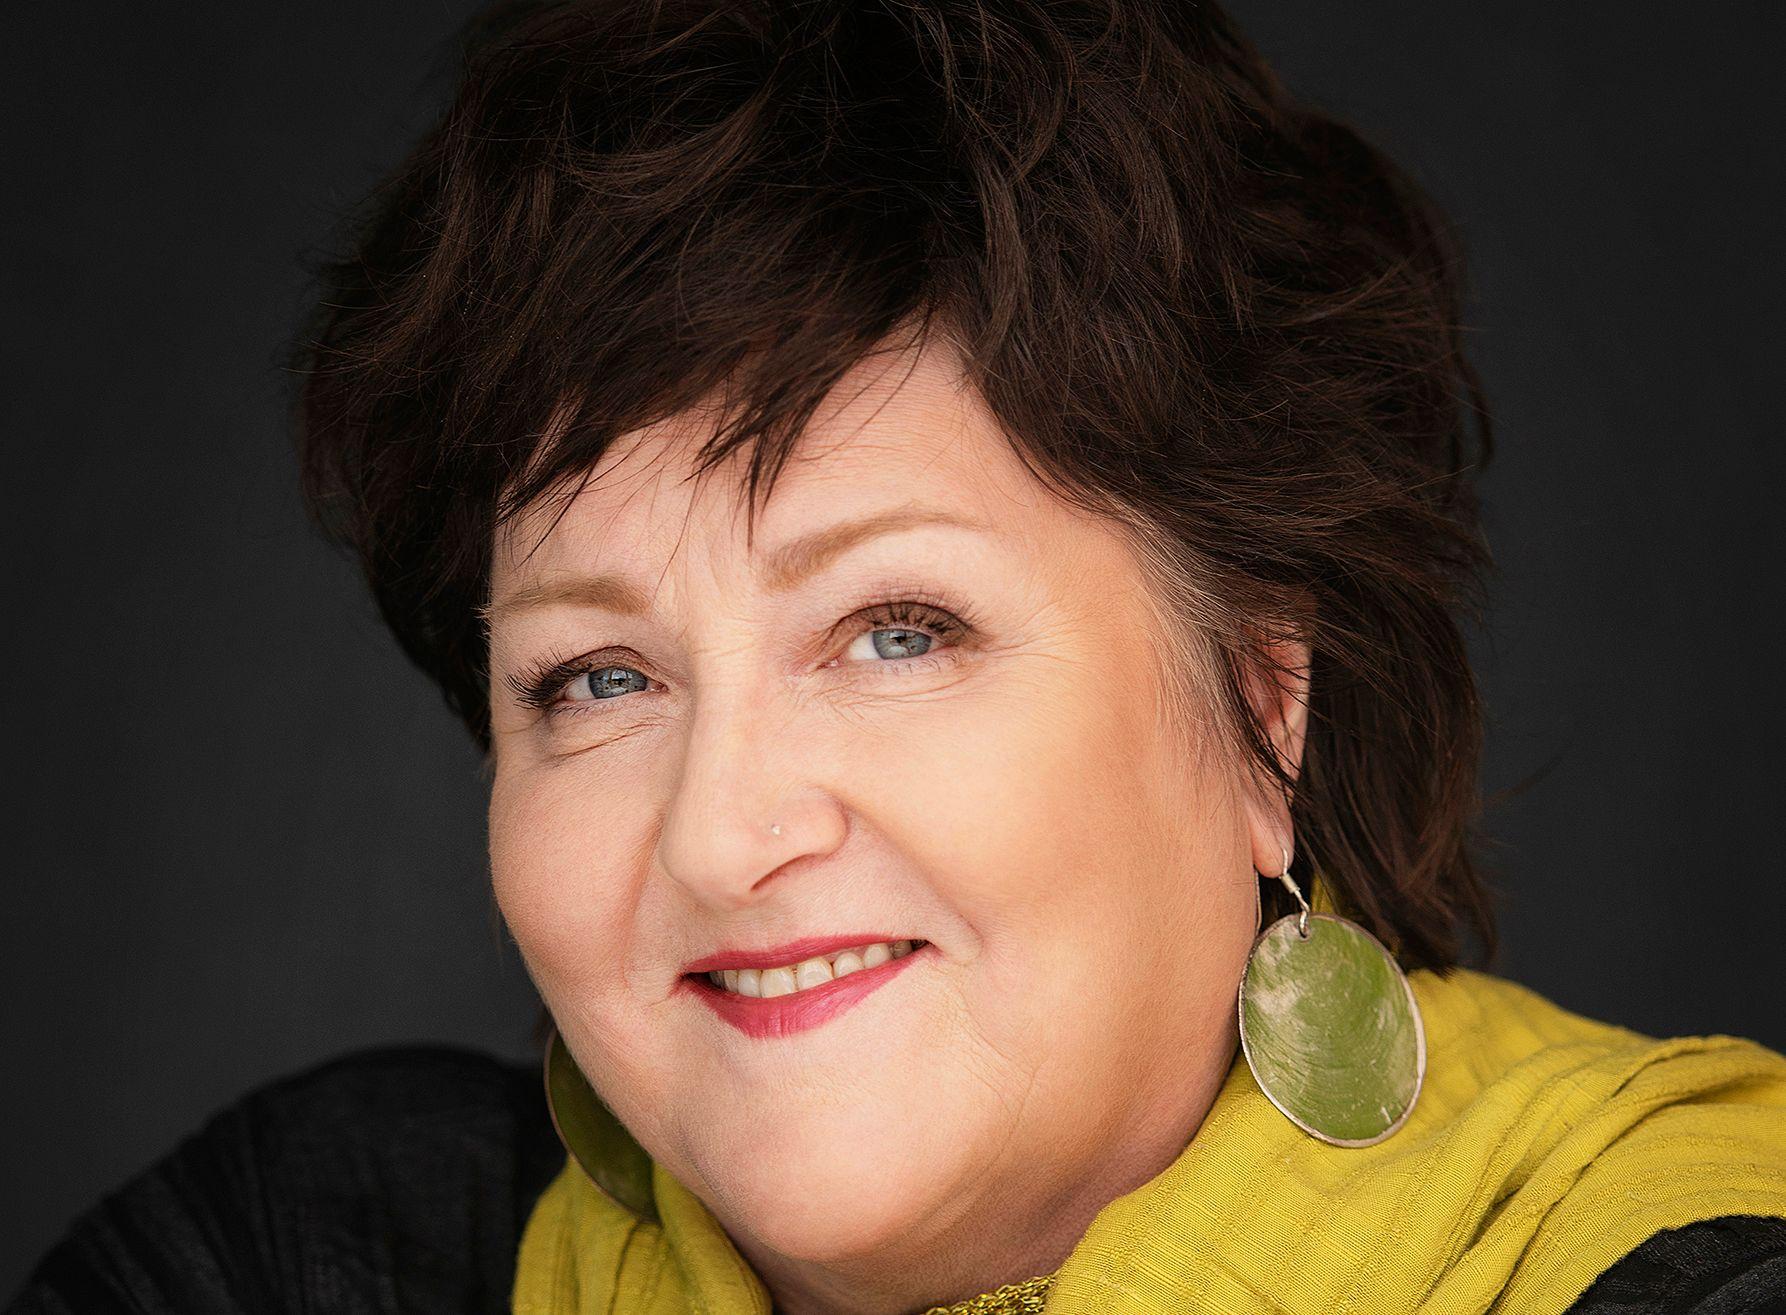 AVLYSER: Anne B. Ragde (61) er på vei tilbake etter hjerneslag og må si nei til alle intervjuforespørsler og avlyse arrangementer i forbindelse med den aller siste boken i serien om Neshov-familien.